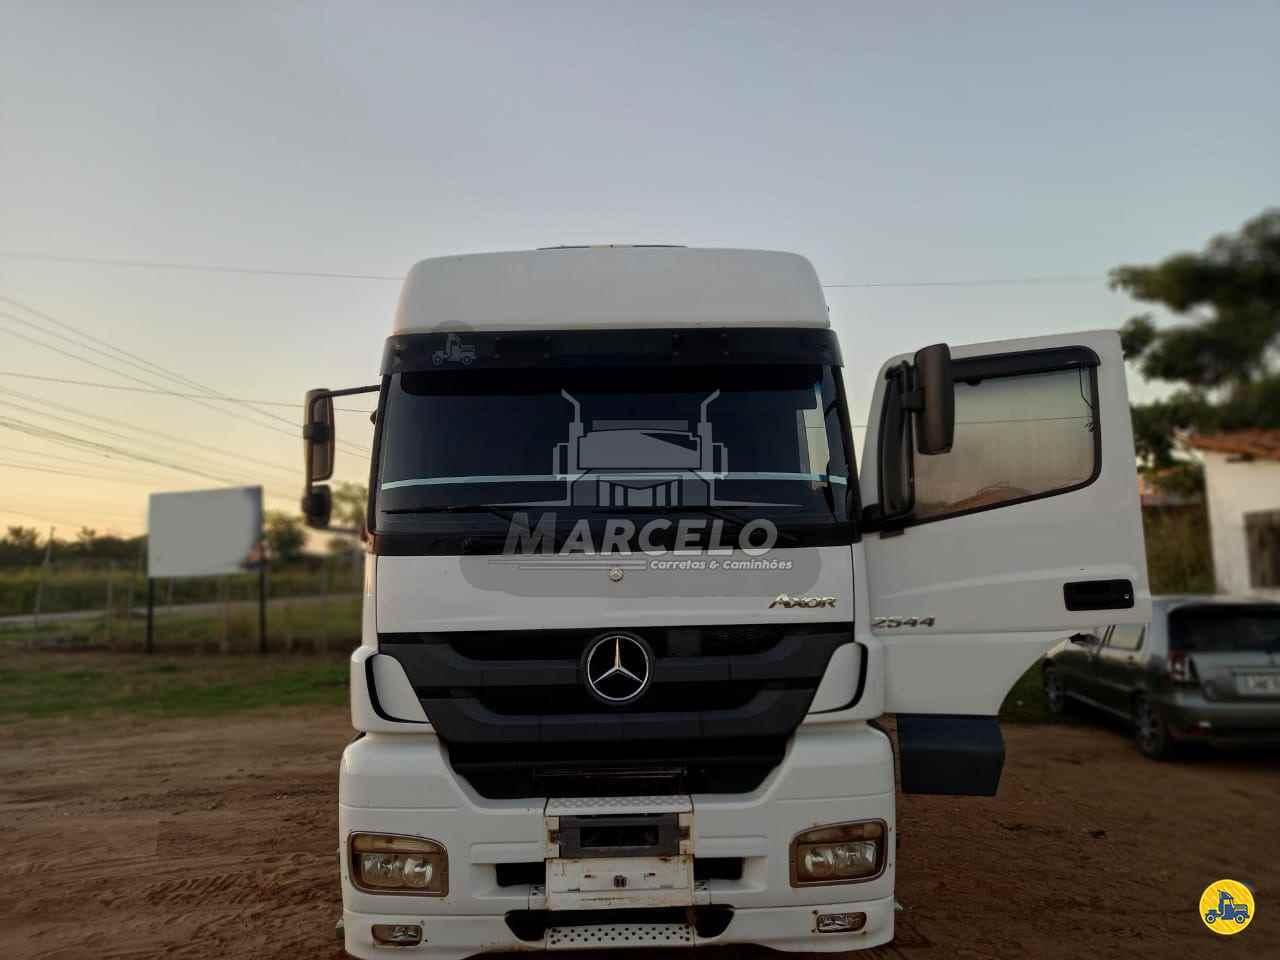 CAMINHAO MERCEDES-BENZ MB 2544 Cavalo Mecânico Truck 6x2 Marcelo Carretas e Caminhões PIRAPOZINHO SÃO PAULO SP